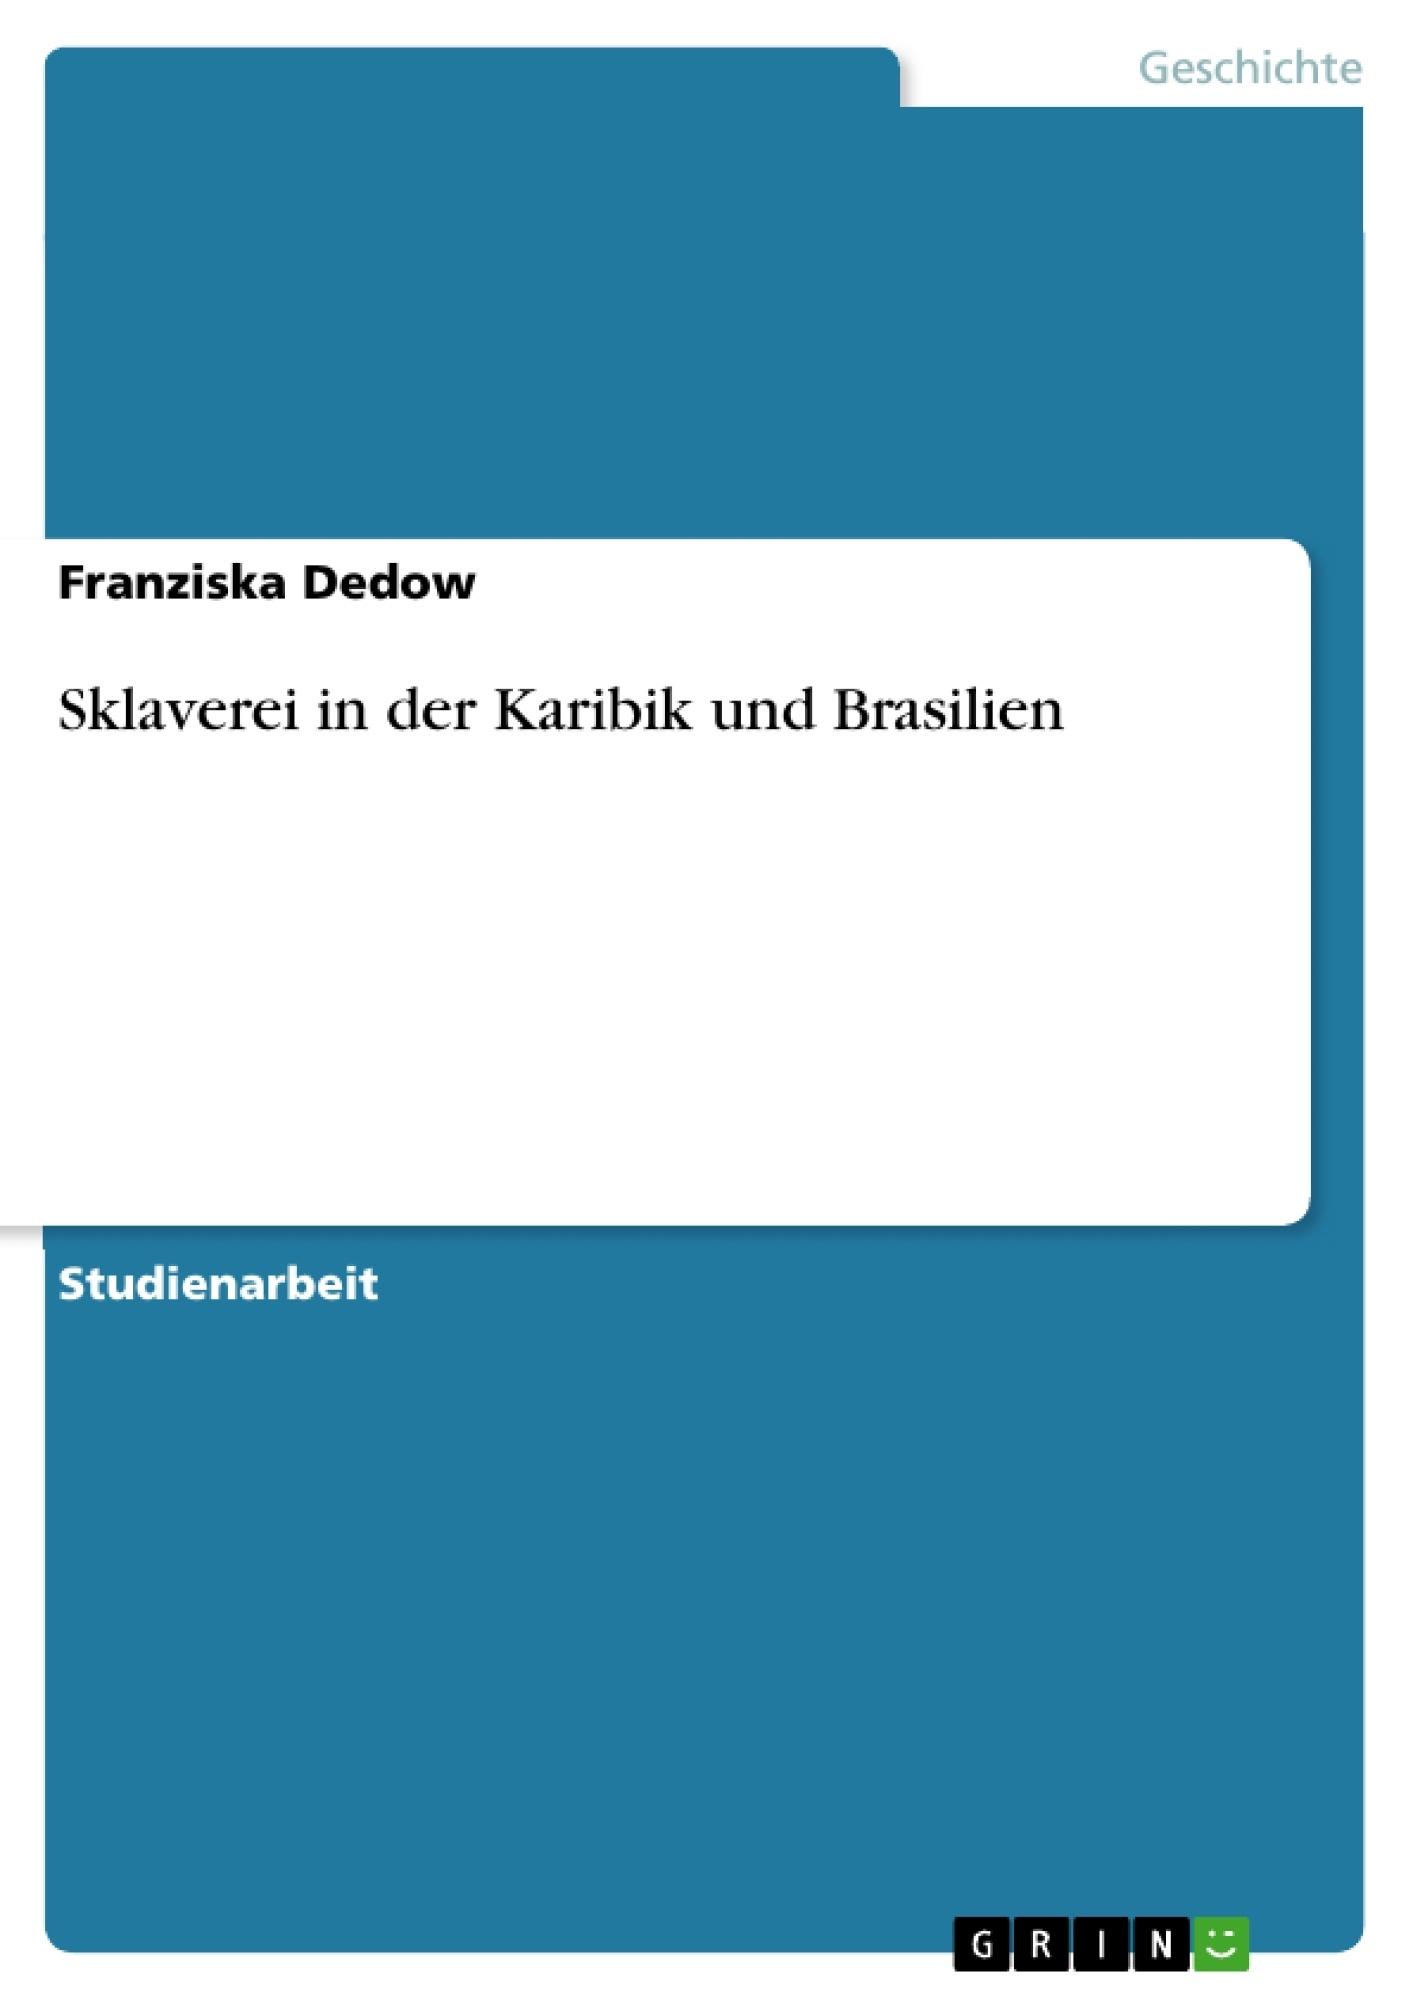 Titel: Sklaverei in der Karibik und Brasilien